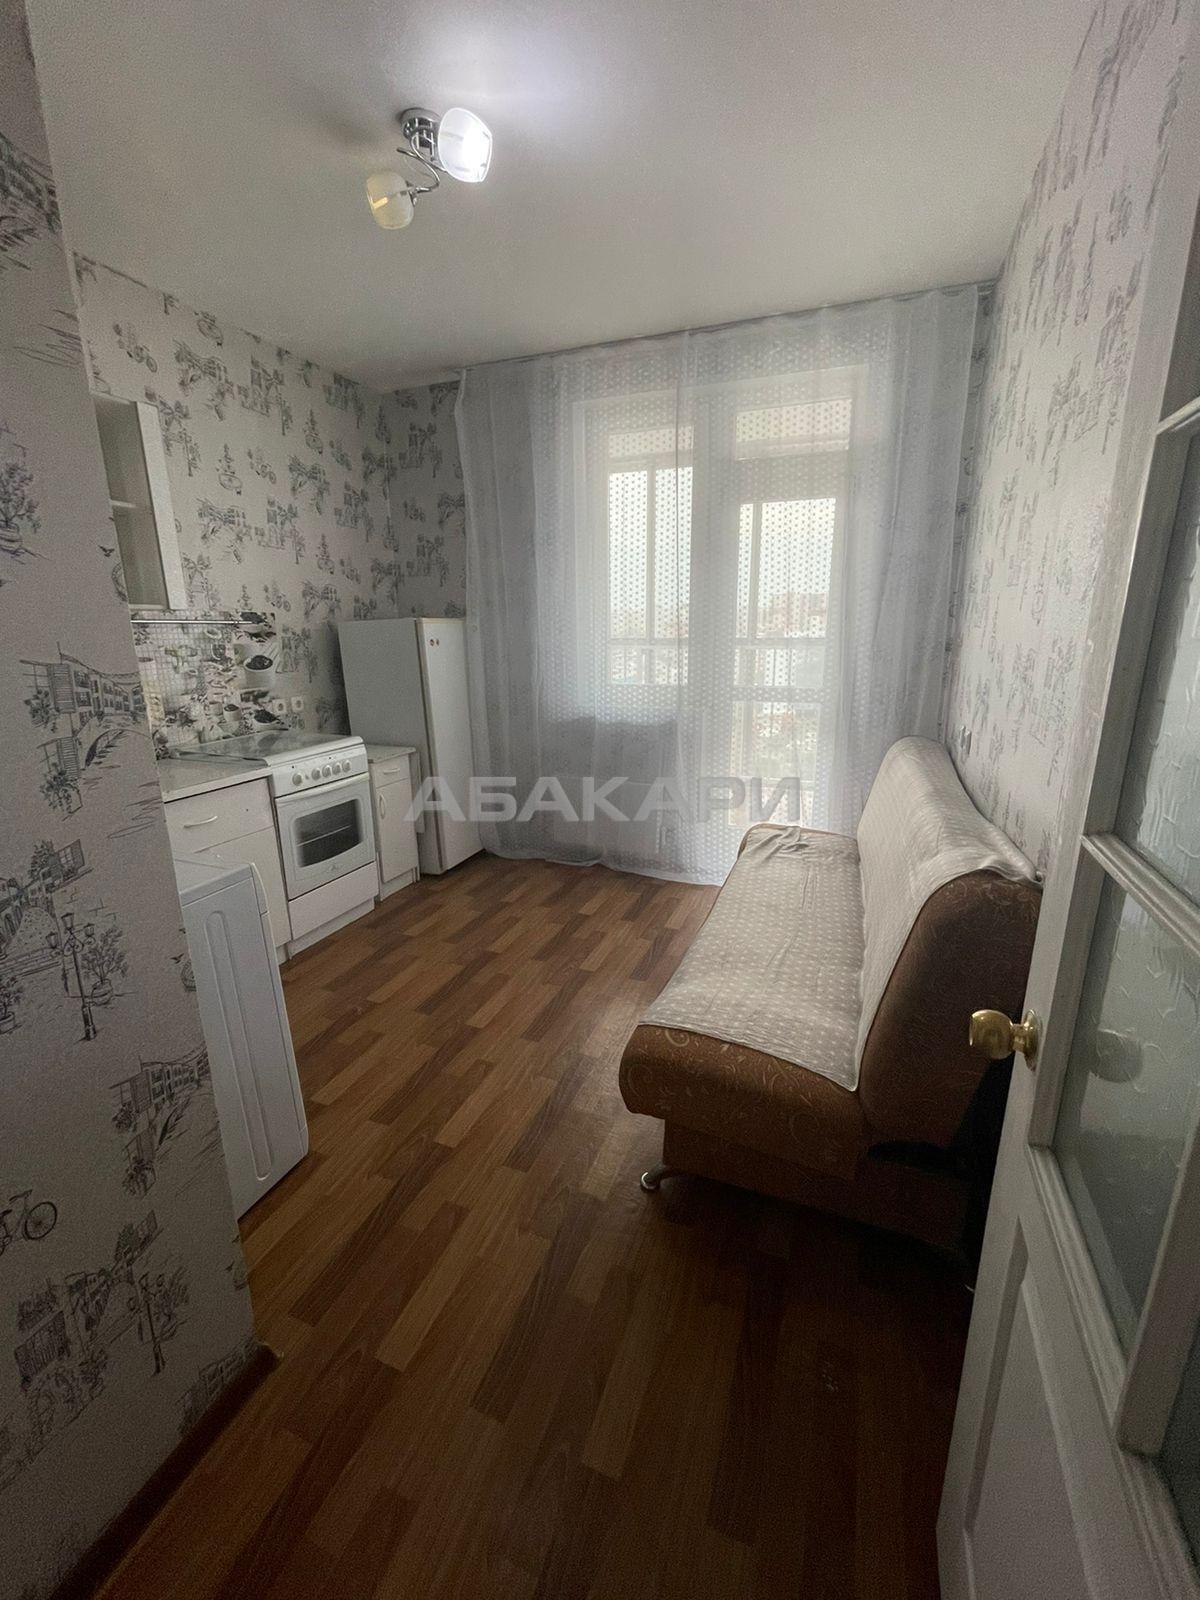 1к квартира улица Батурина, 38 | 18000 | аренда в Красноярске фото 3